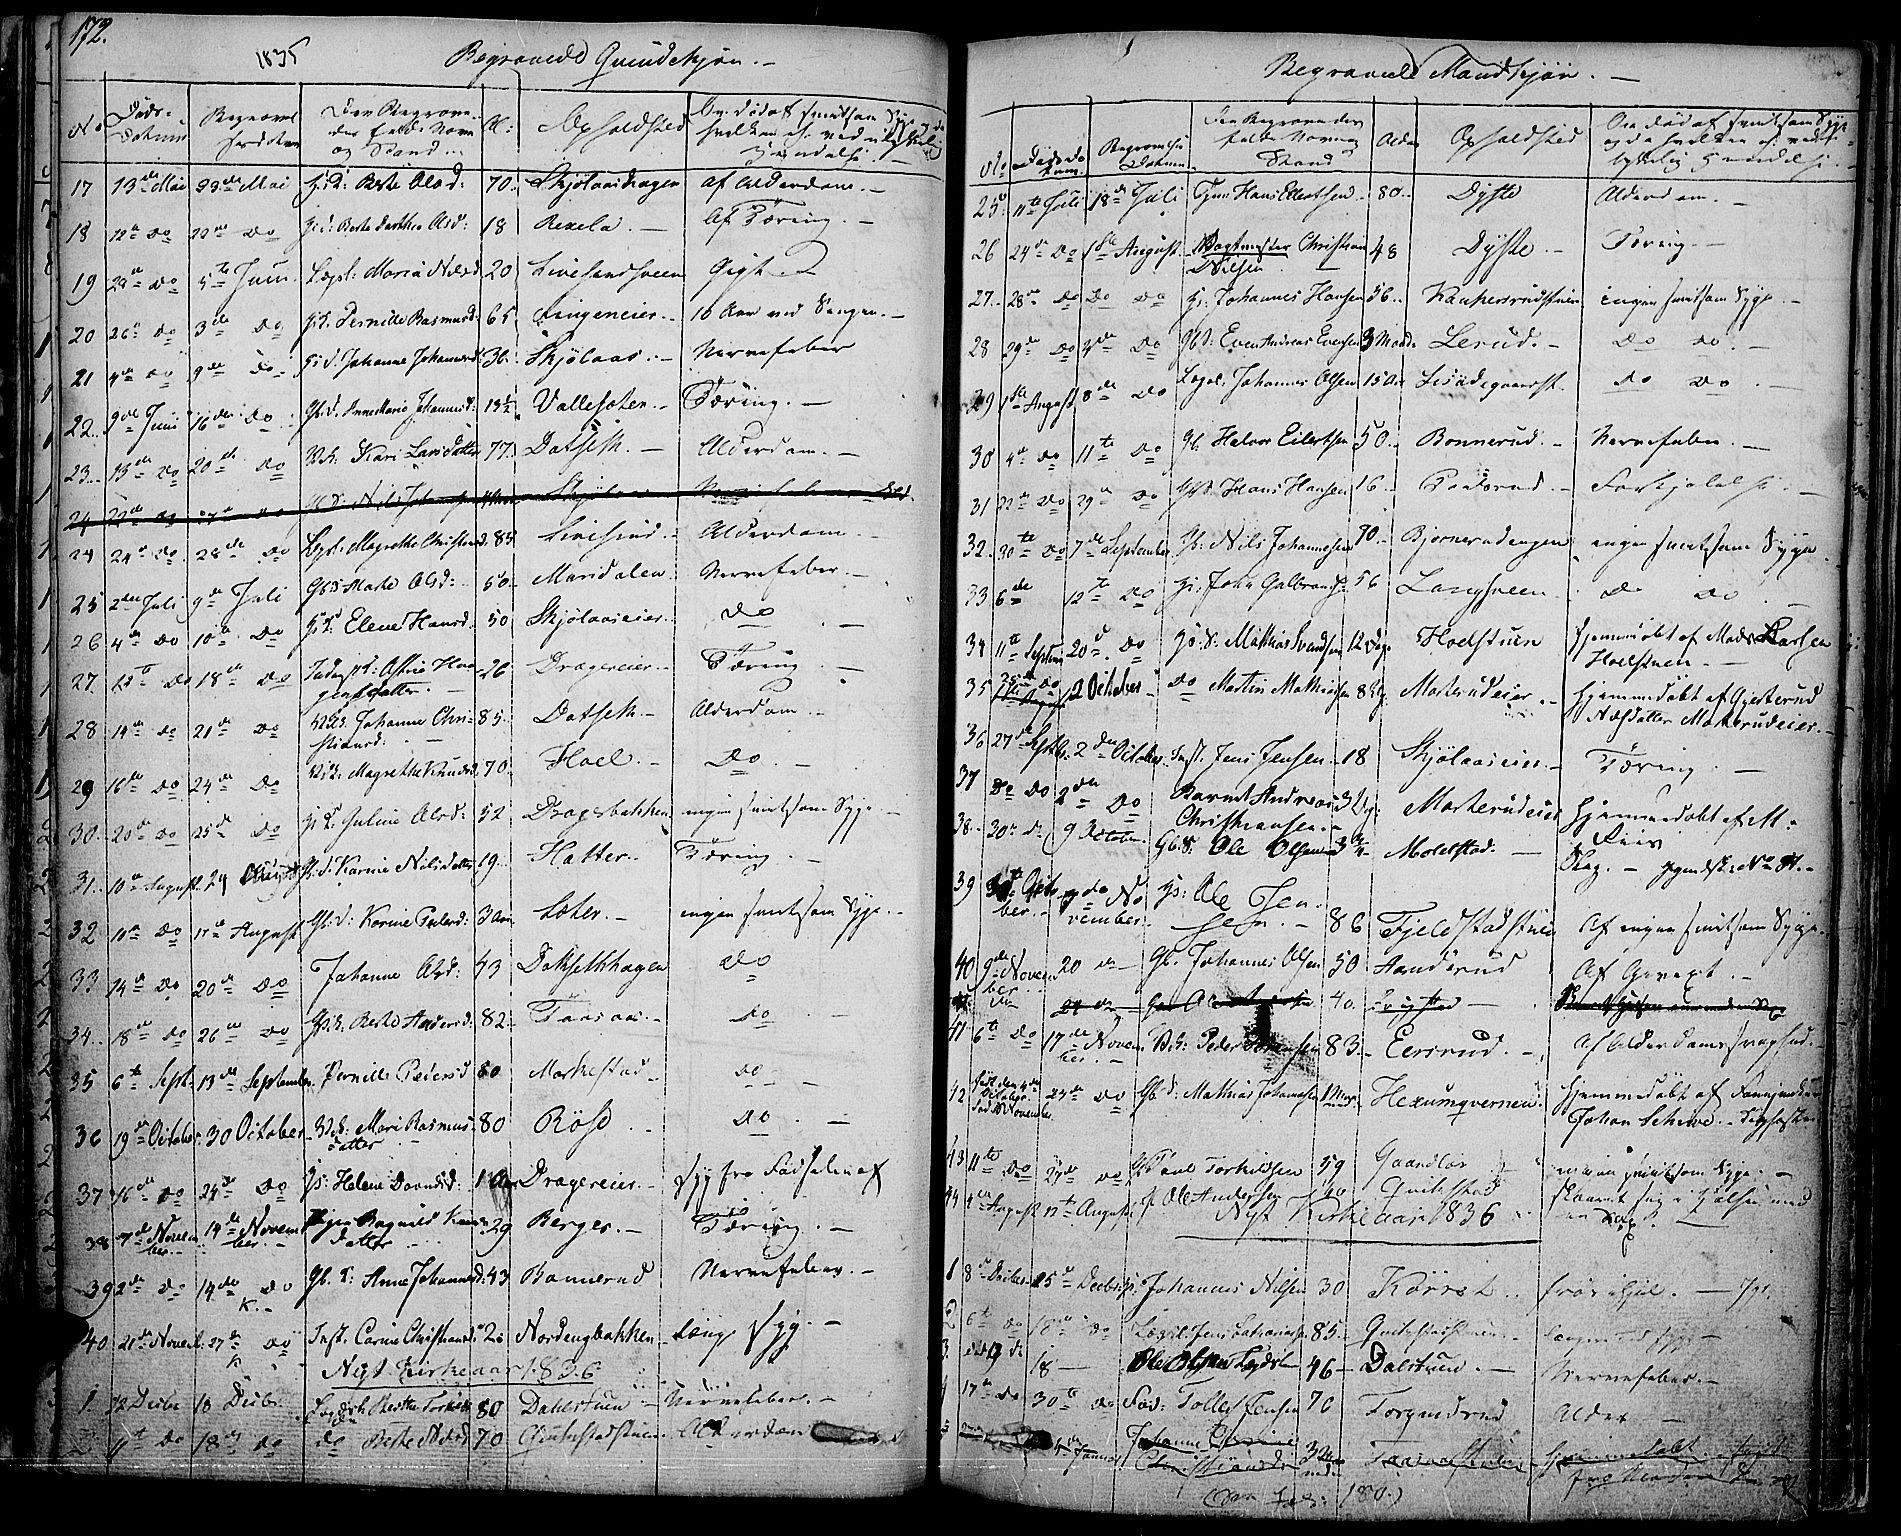 SAH, Vestre Toten prestekontor, Ministerialbok nr. 2, 1825-1837, s. 172